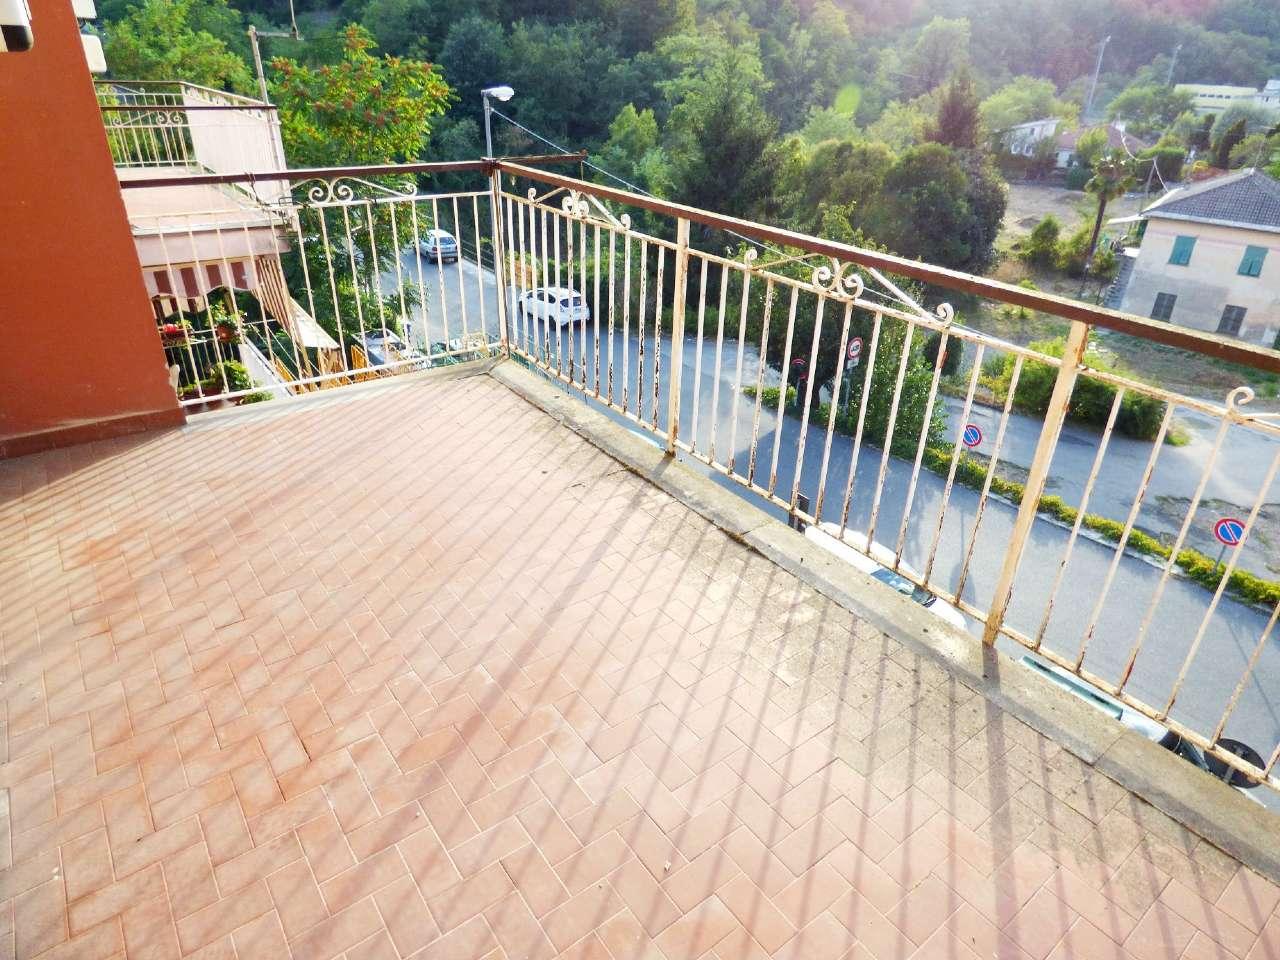 Appartamento in vendita a Moconesi, 5 locali, prezzo € 96.000 | PortaleAgenzieImmobiliari.it